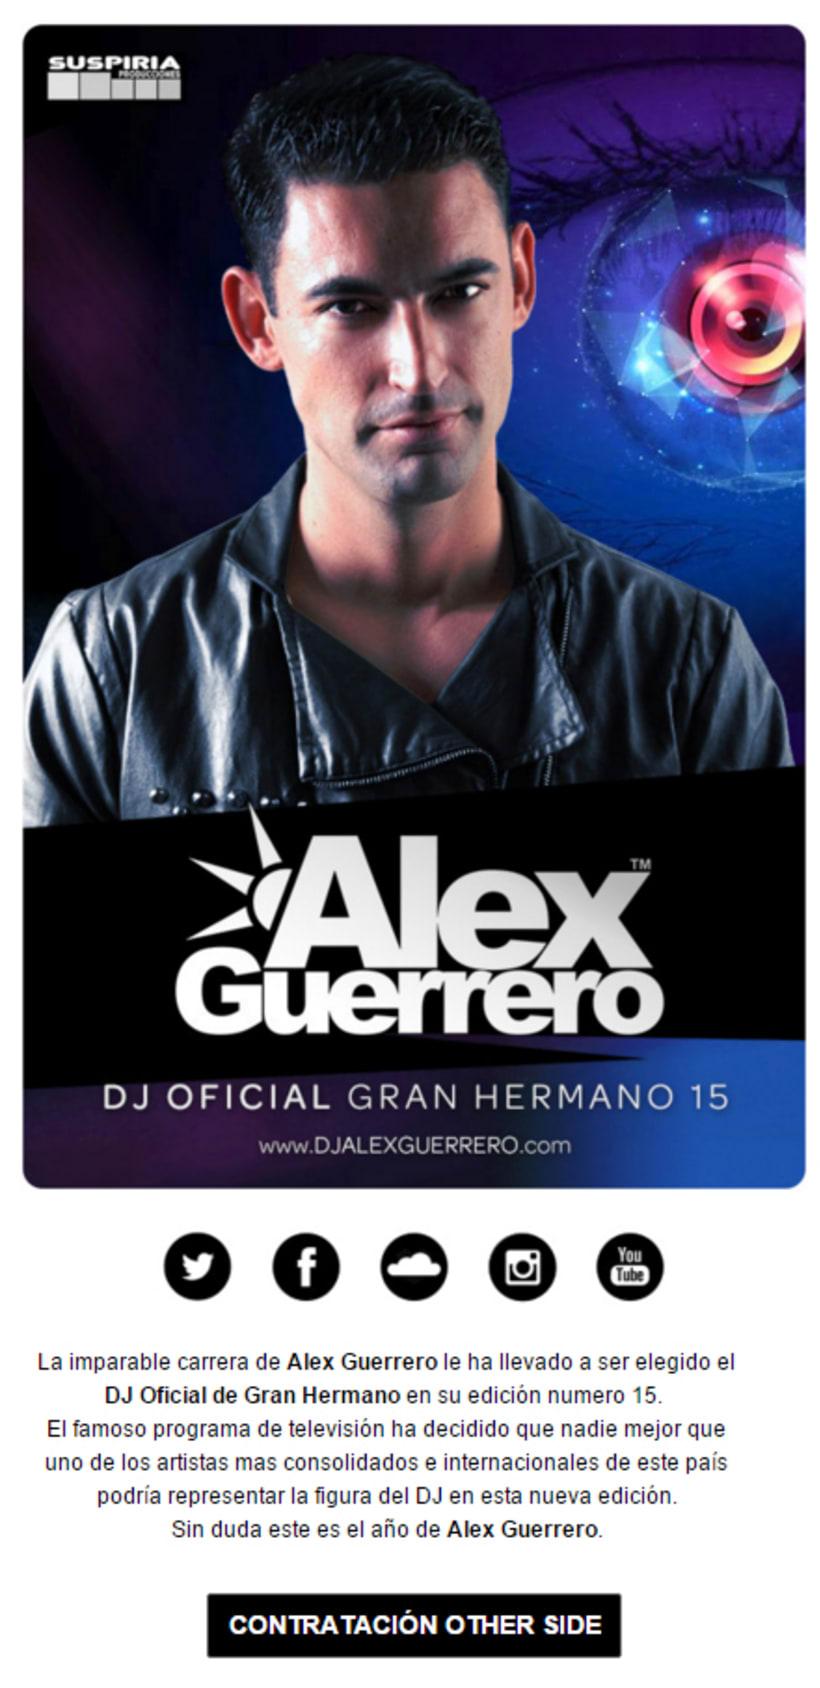 Dj Oficial Gran Hermano Alex Guerrero 0